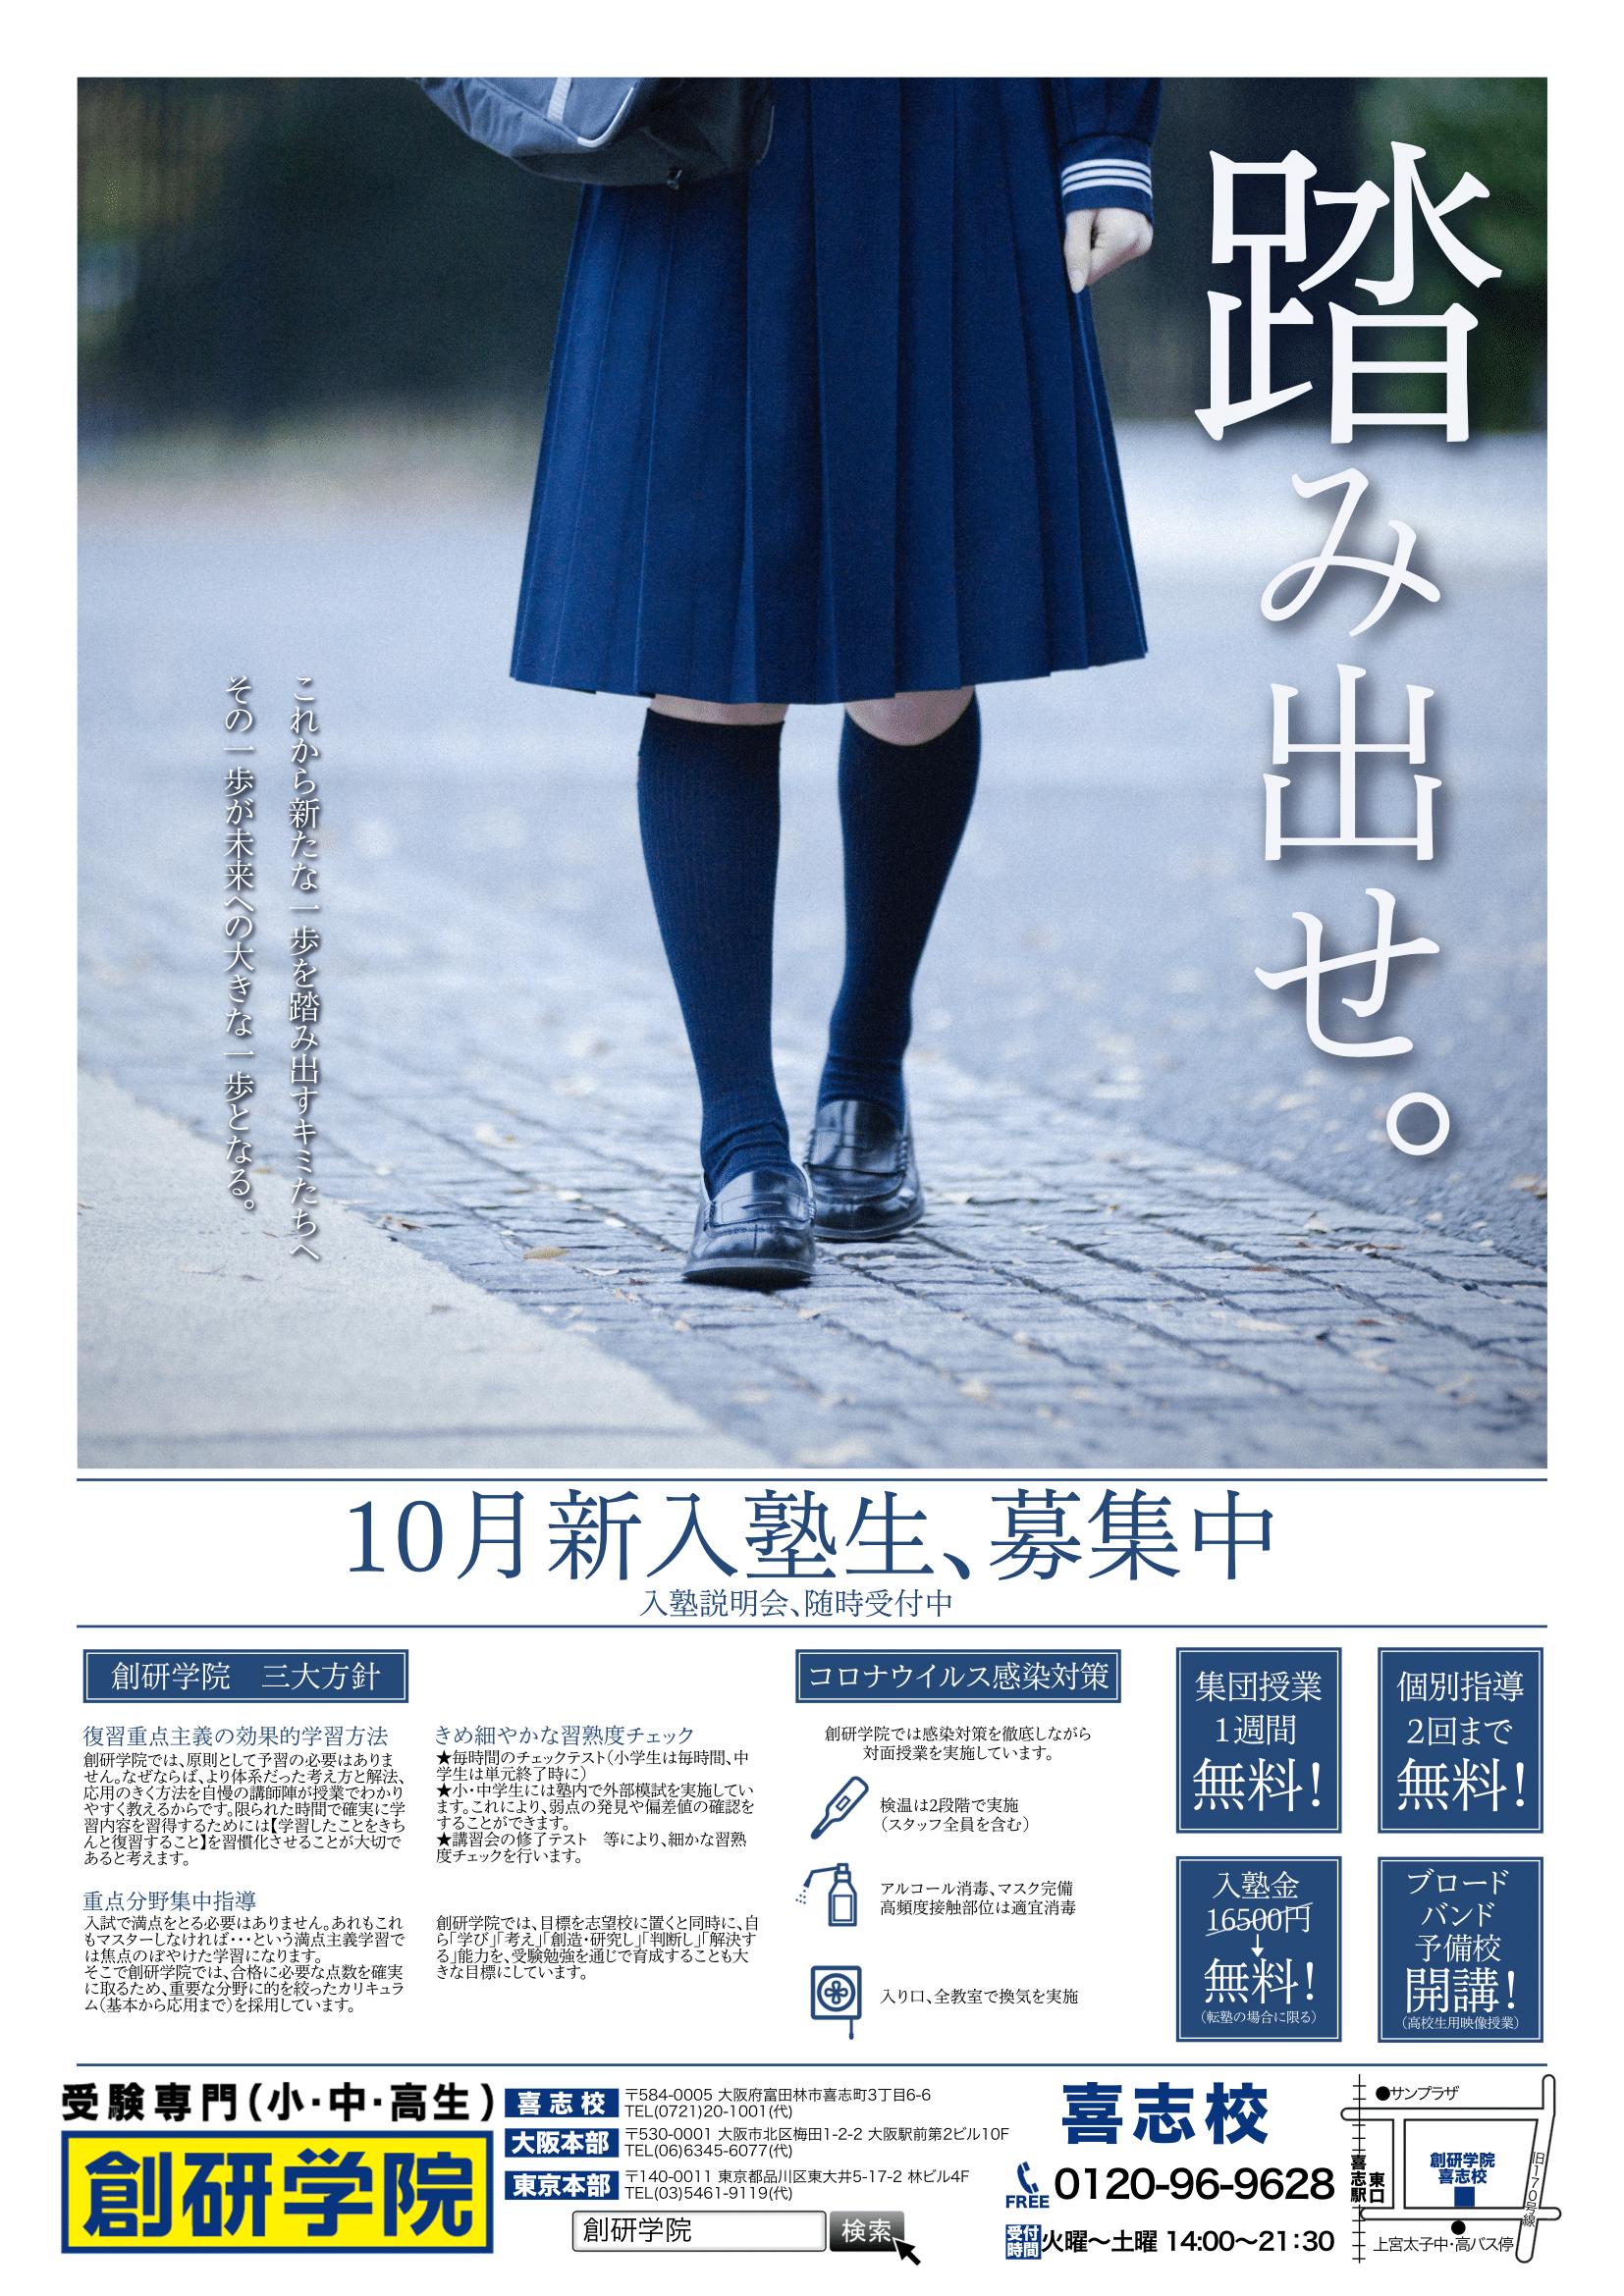 【新入塾生募集】10月受講生募集中!